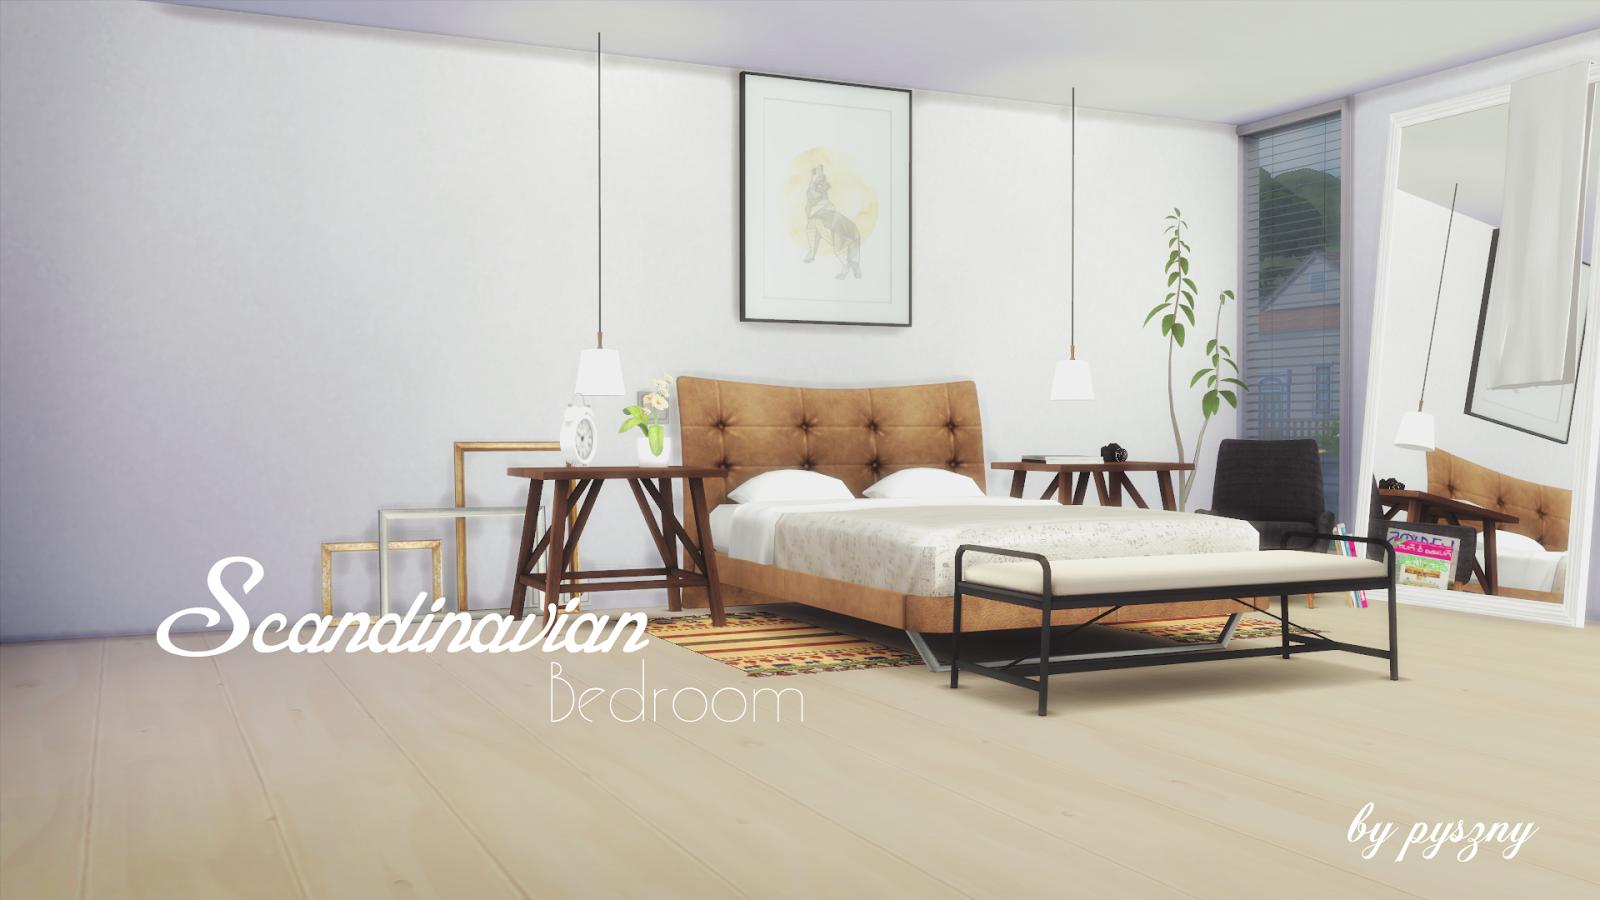 Scandinavian Bedroom  New Set UPDATED